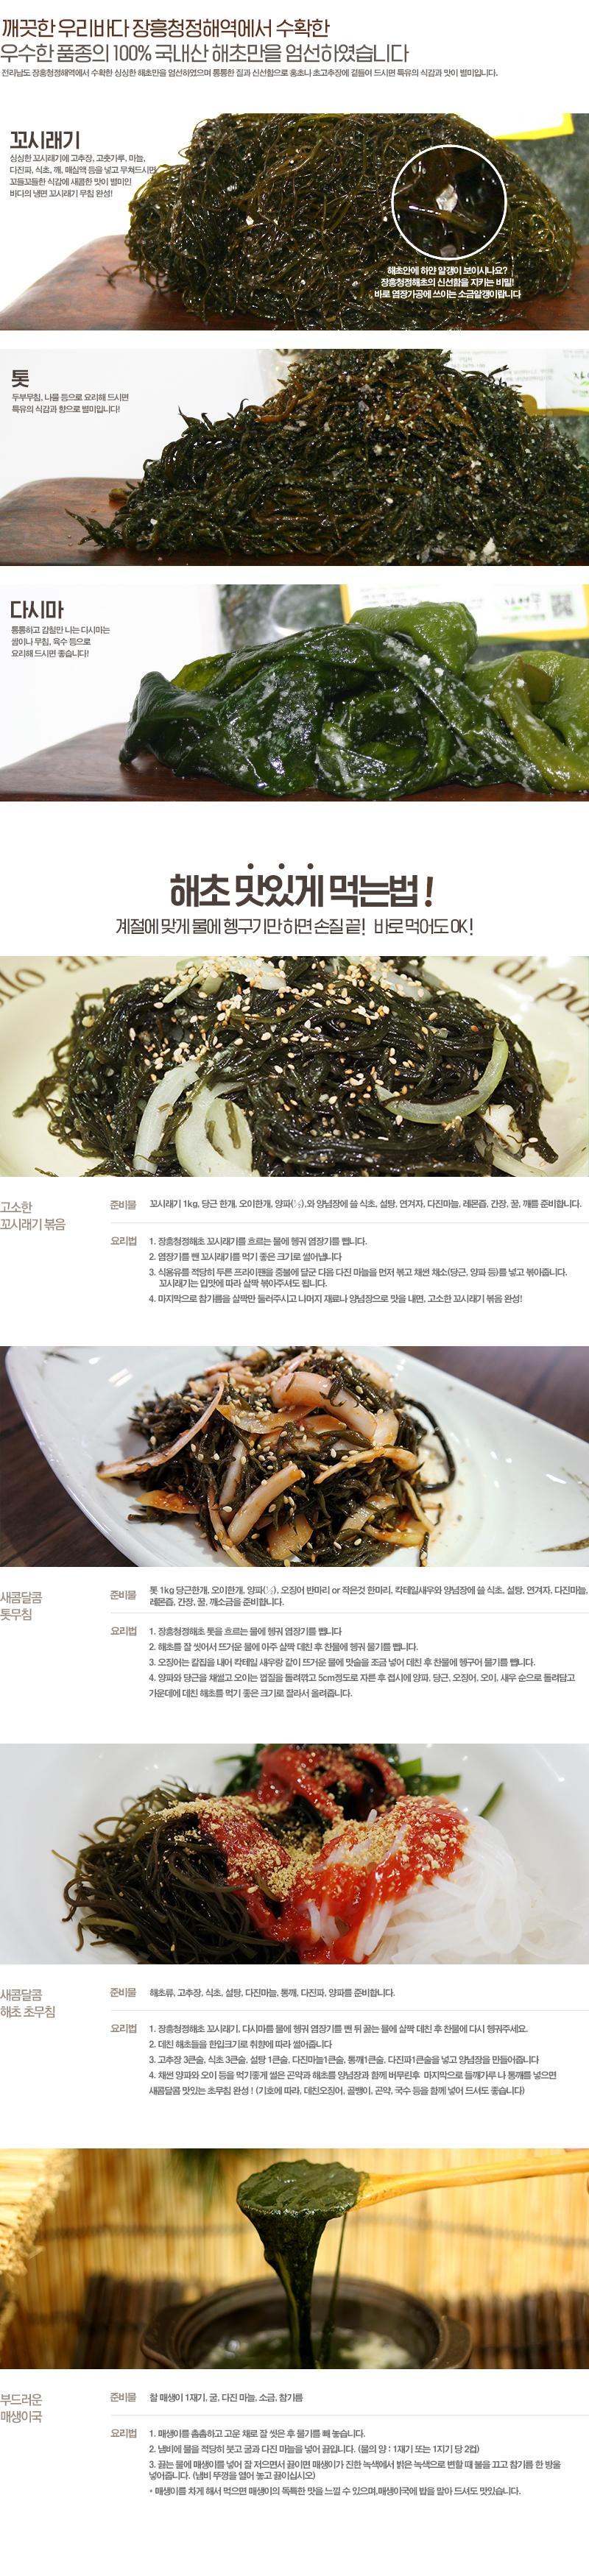 [장흥청정해초] 찰 매생이 10재기